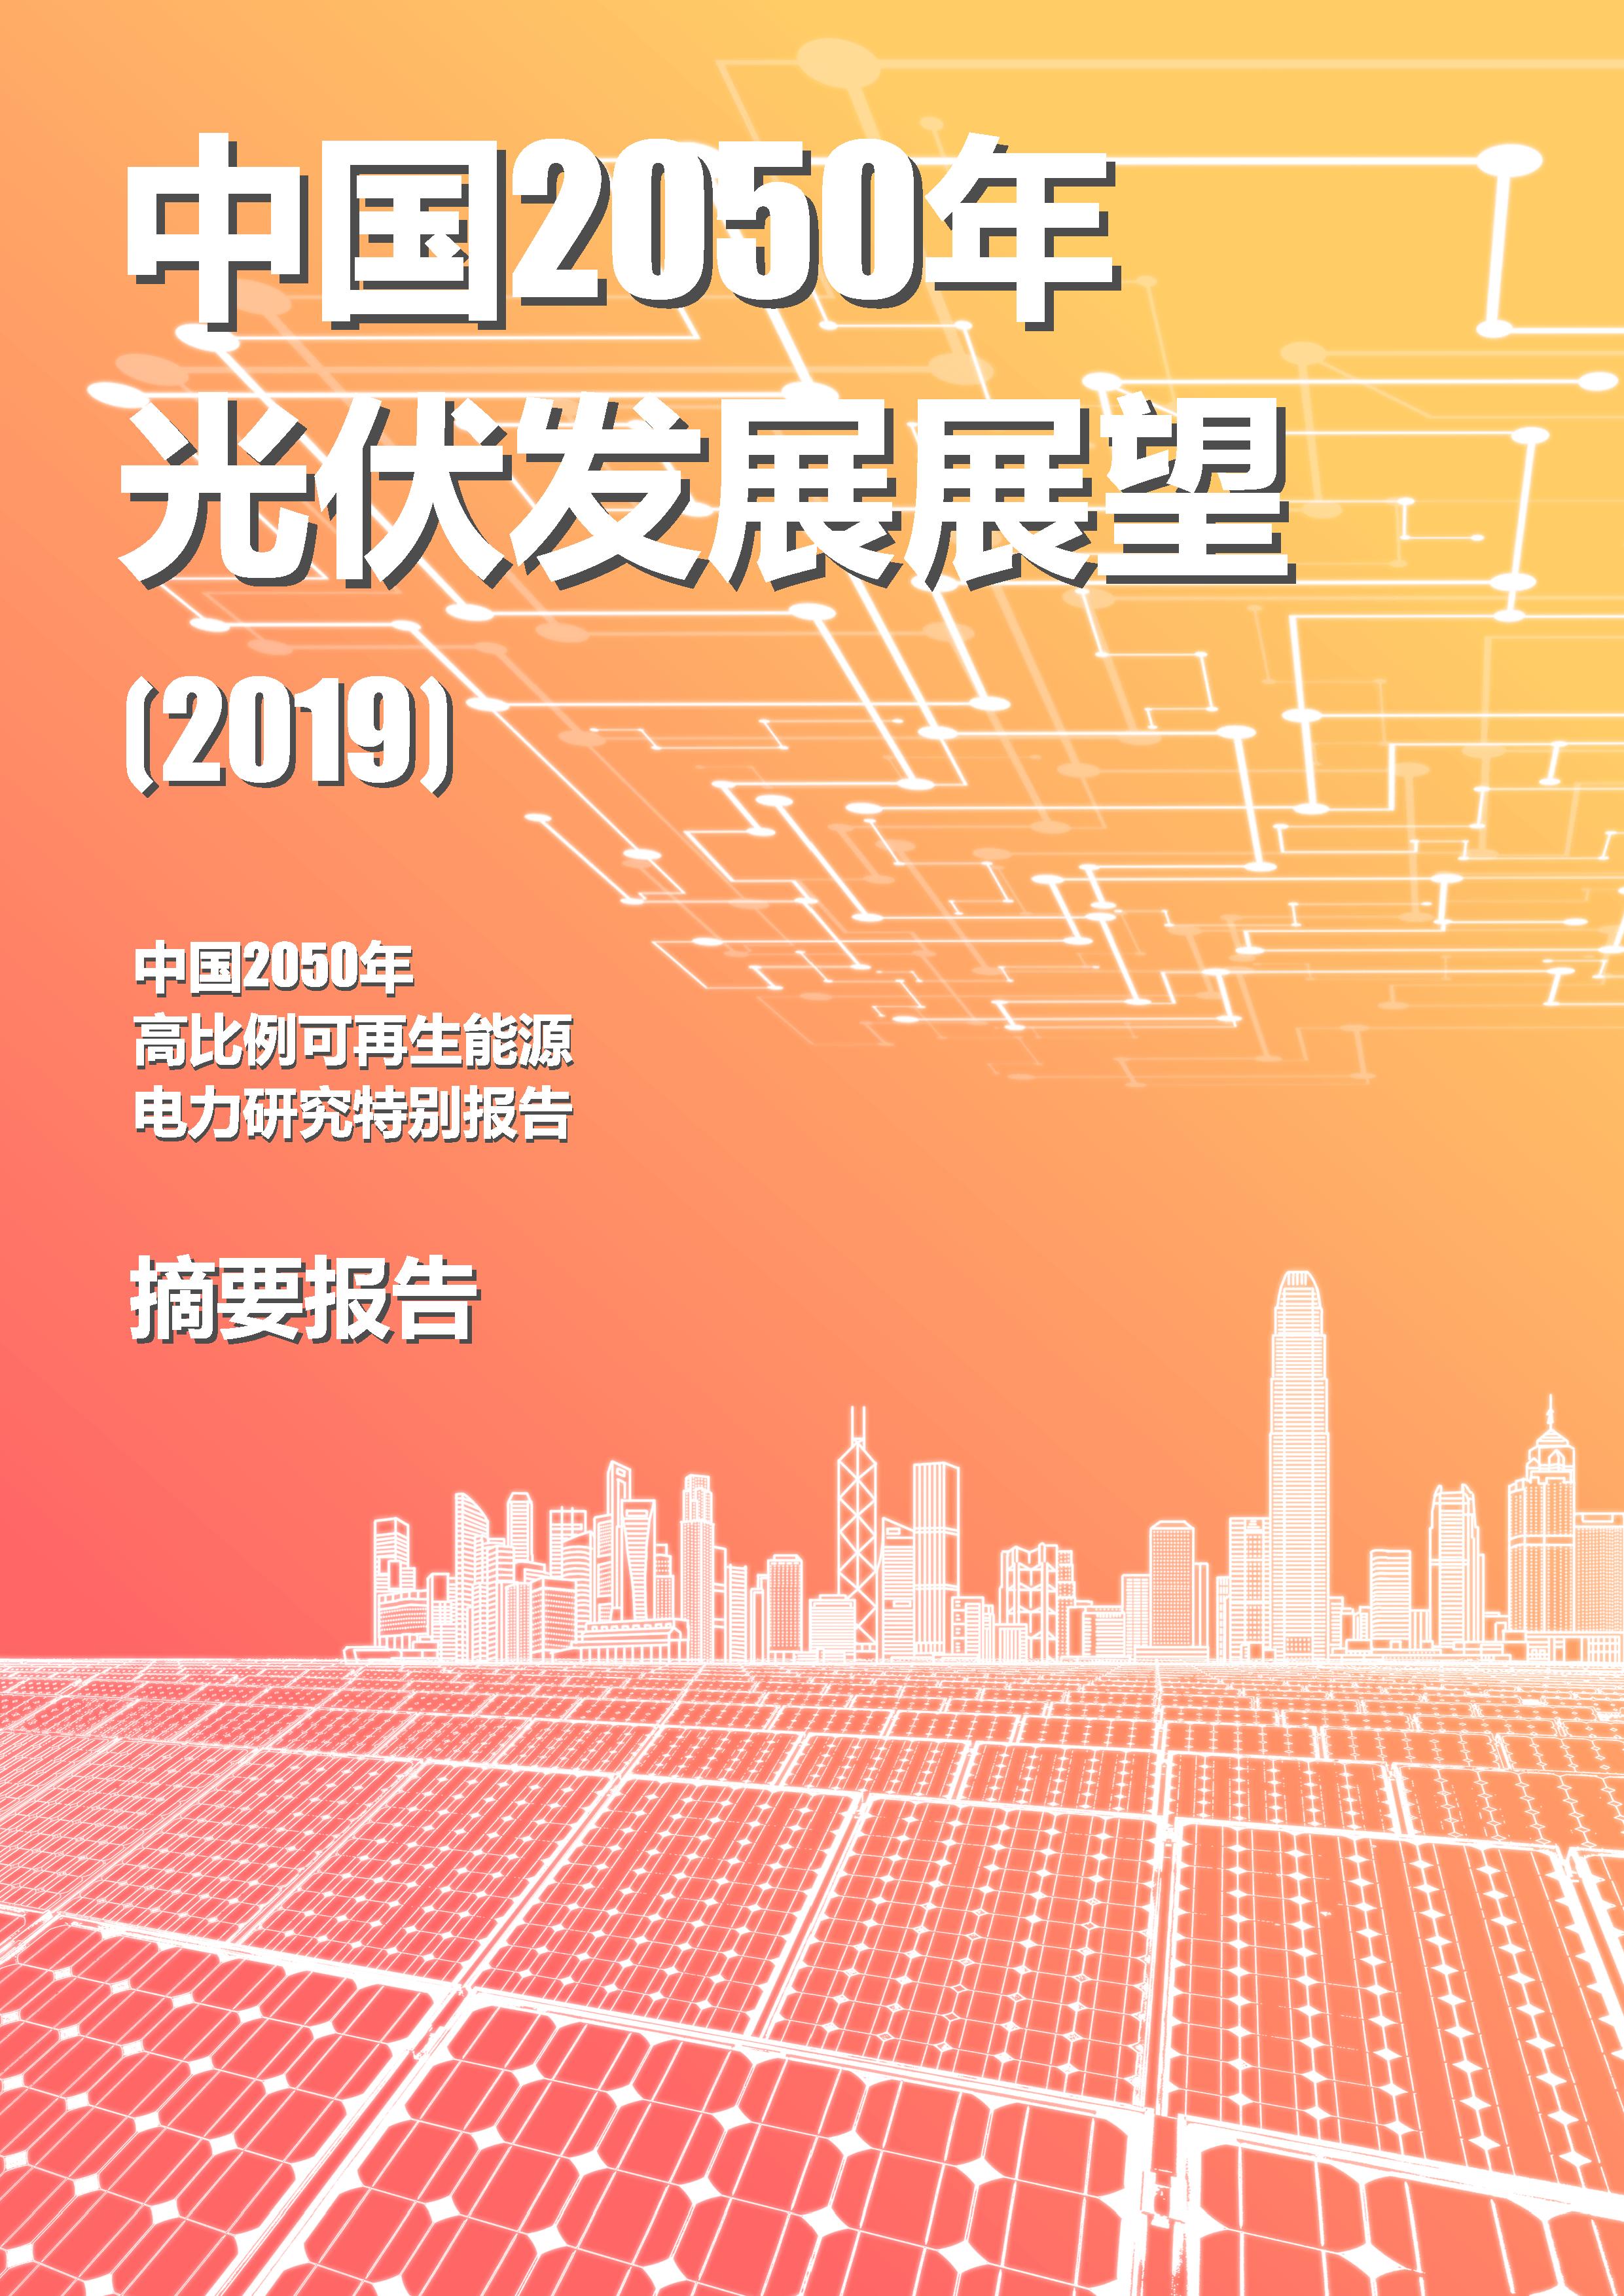 中国2050年光伏发展展望-2019_页面_01